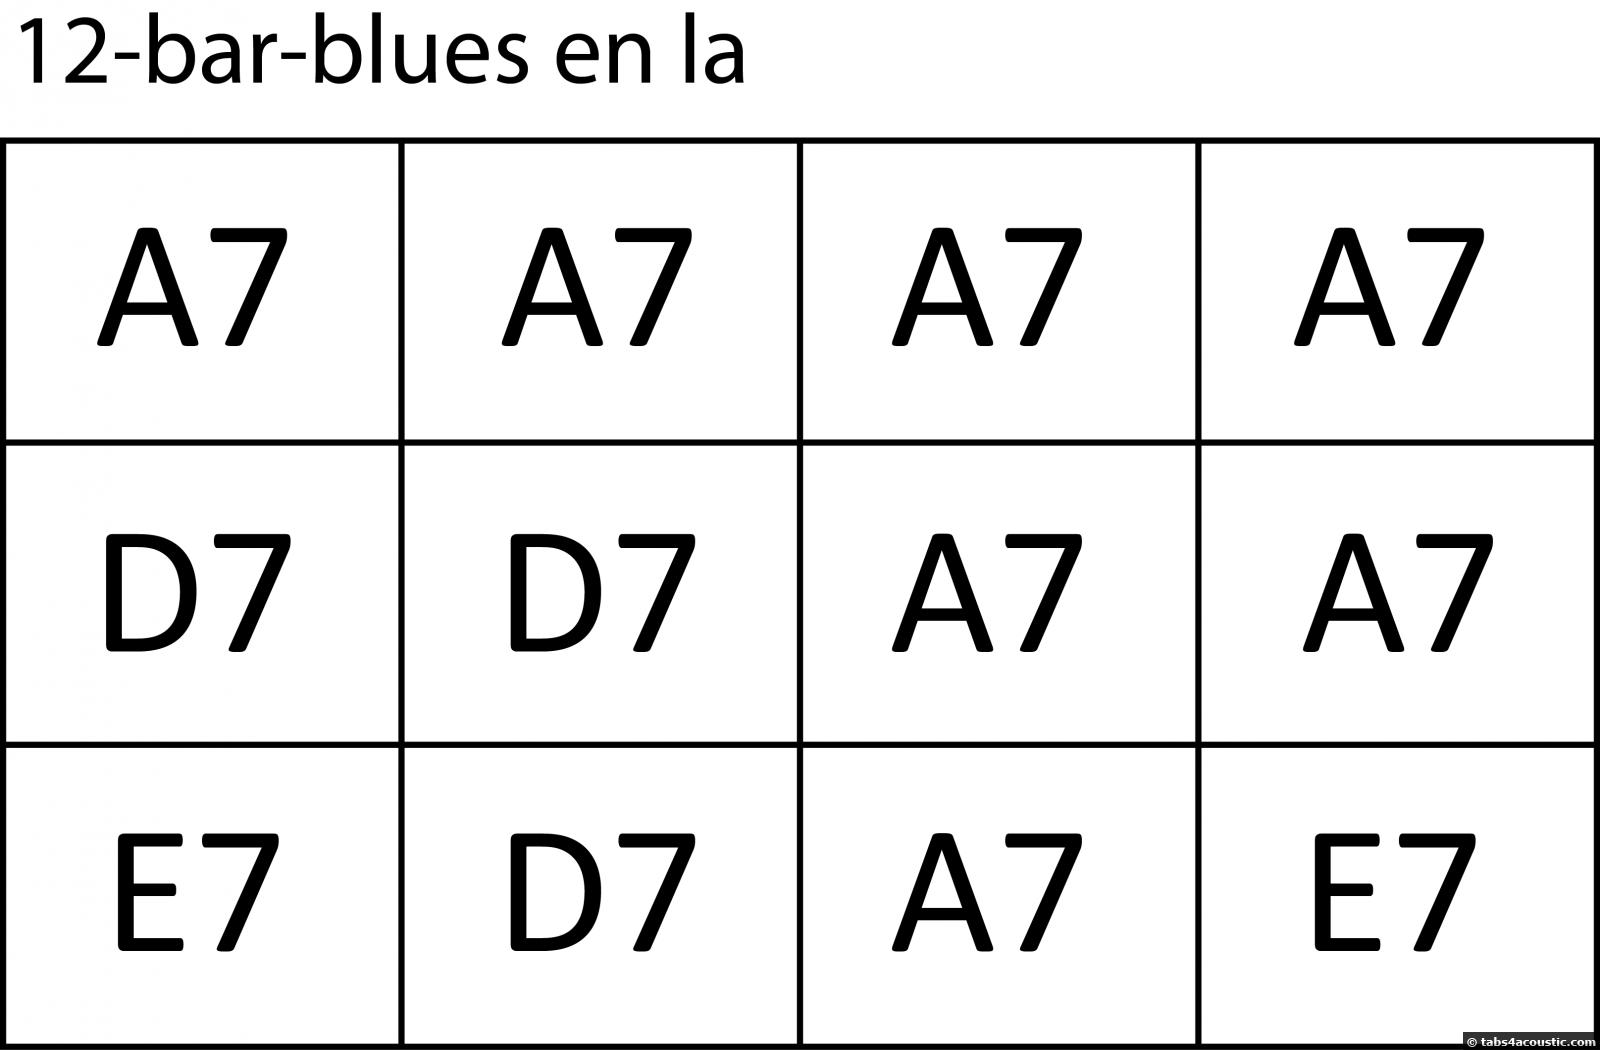 Grille blues en la avec accords de septième